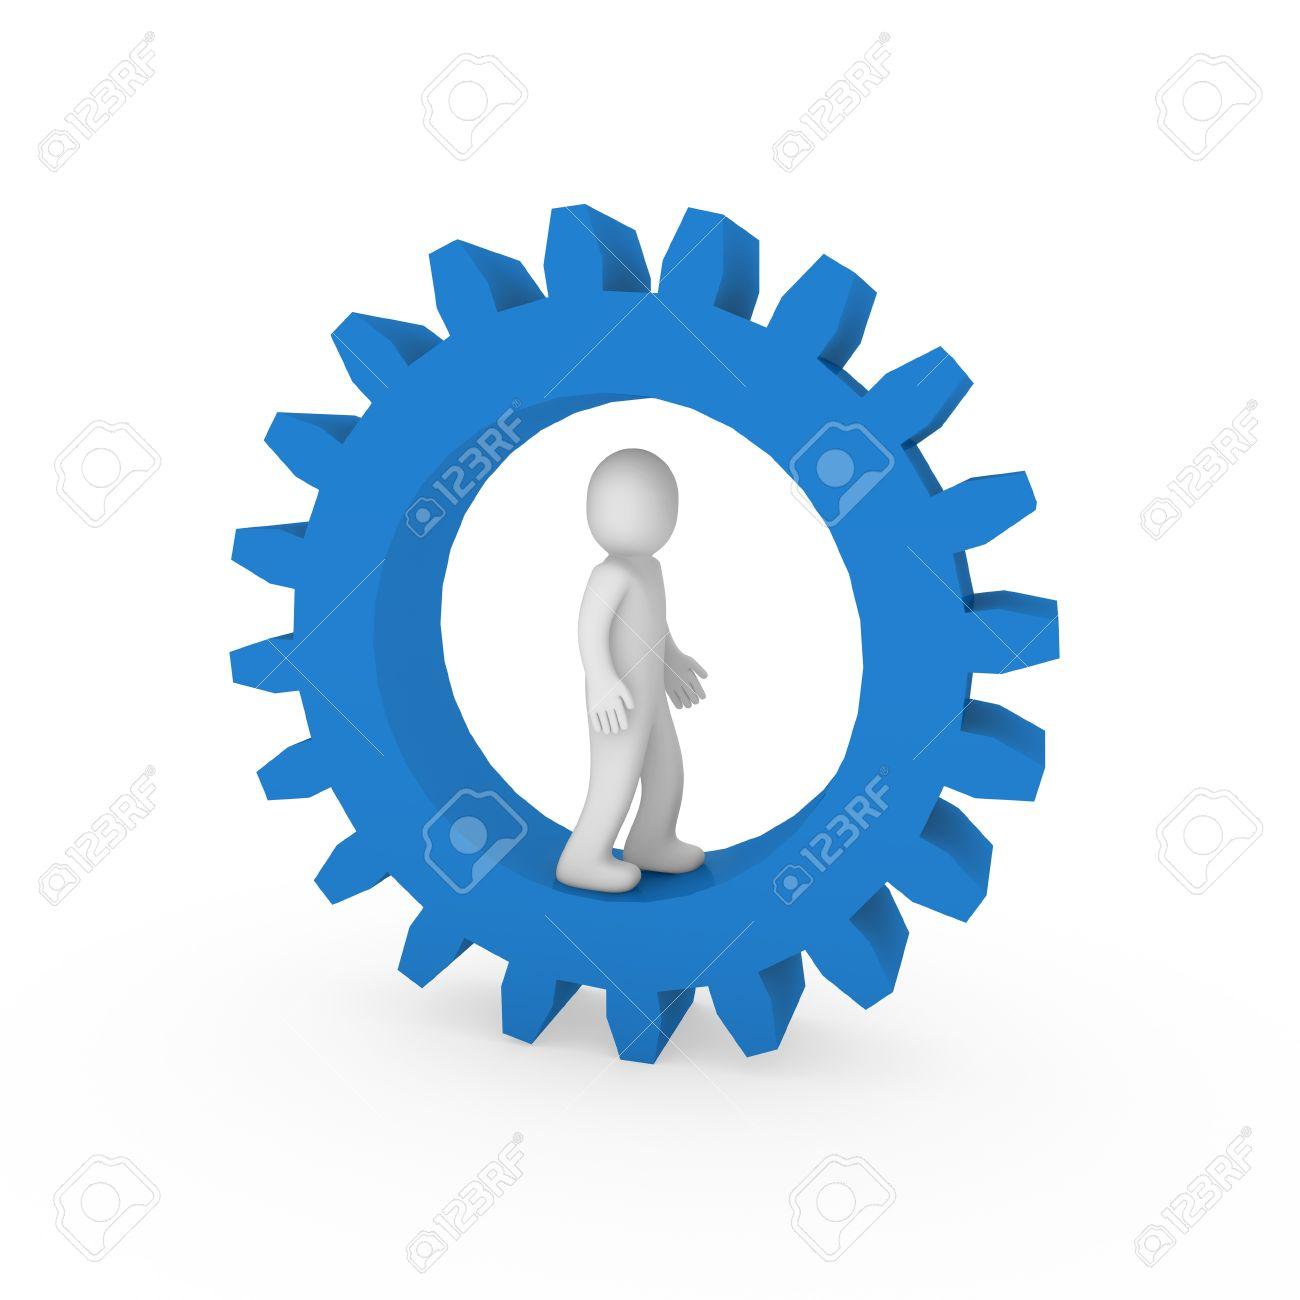 3d gear blue  human man business teamwork technology Stock Photo - 9372237